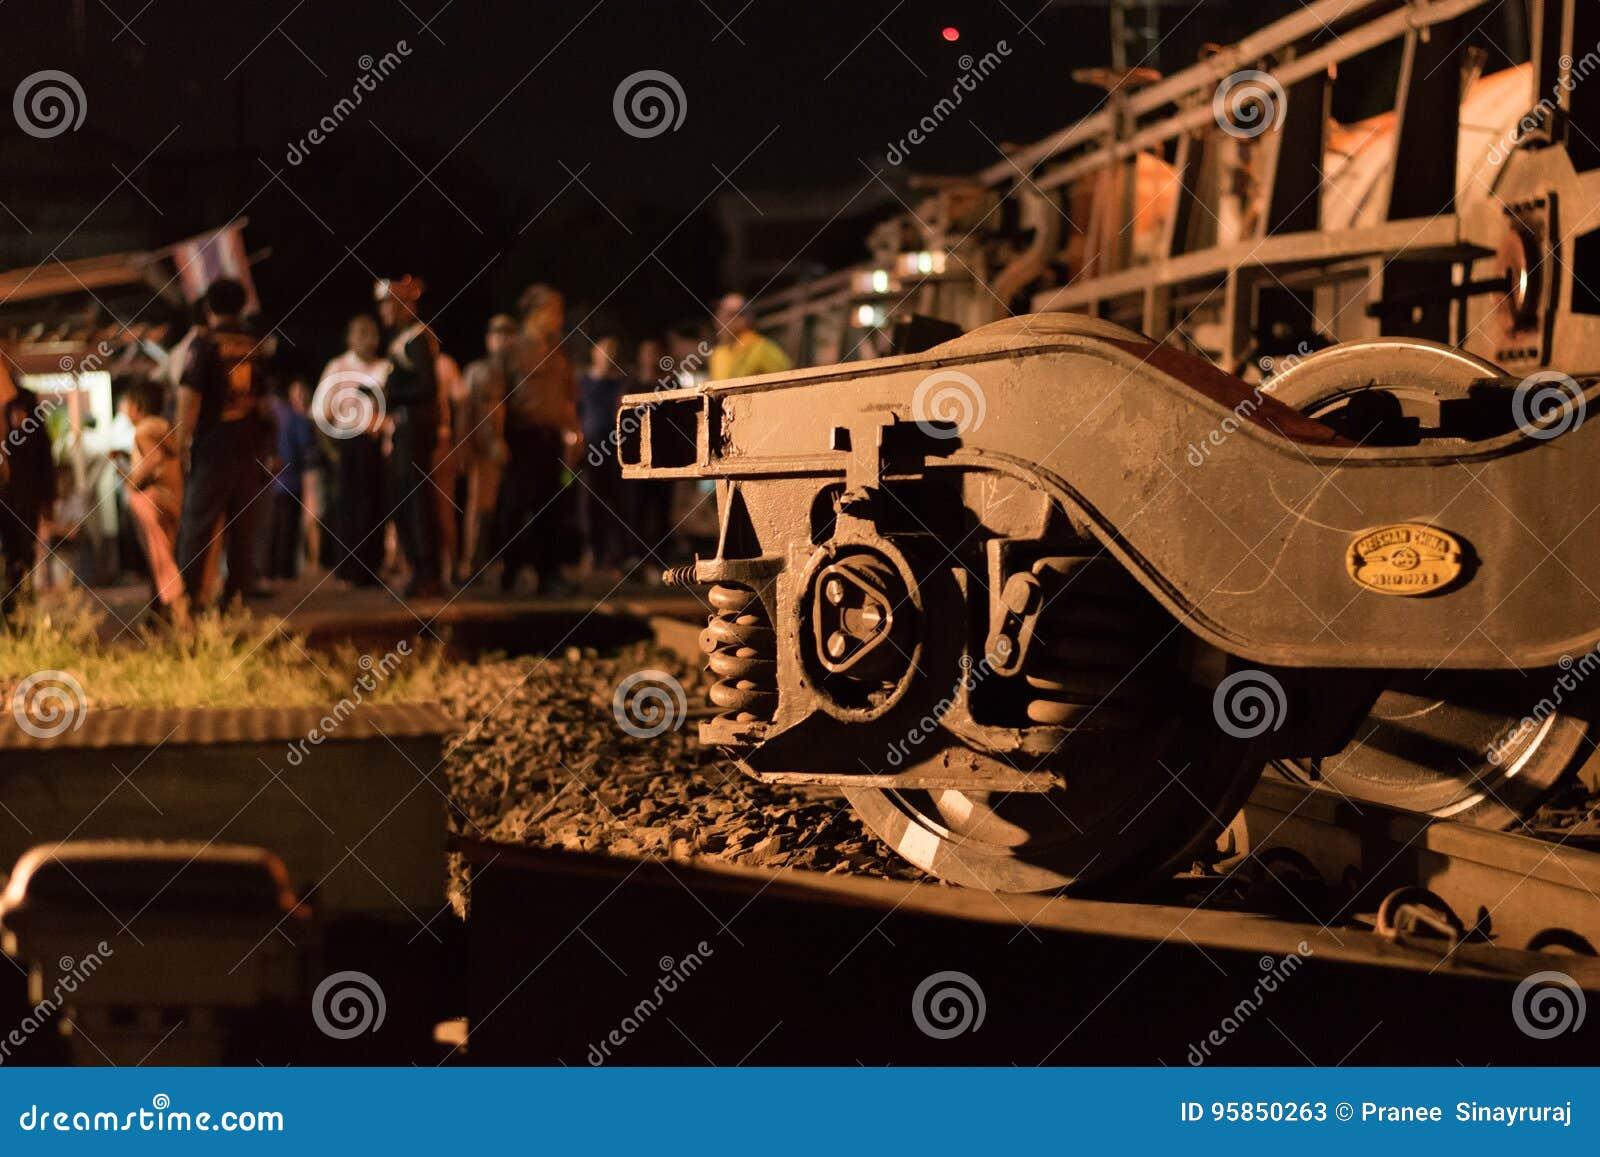 Train Derailment in Nakhon Ratchasima, Thailand. 10/7/2017